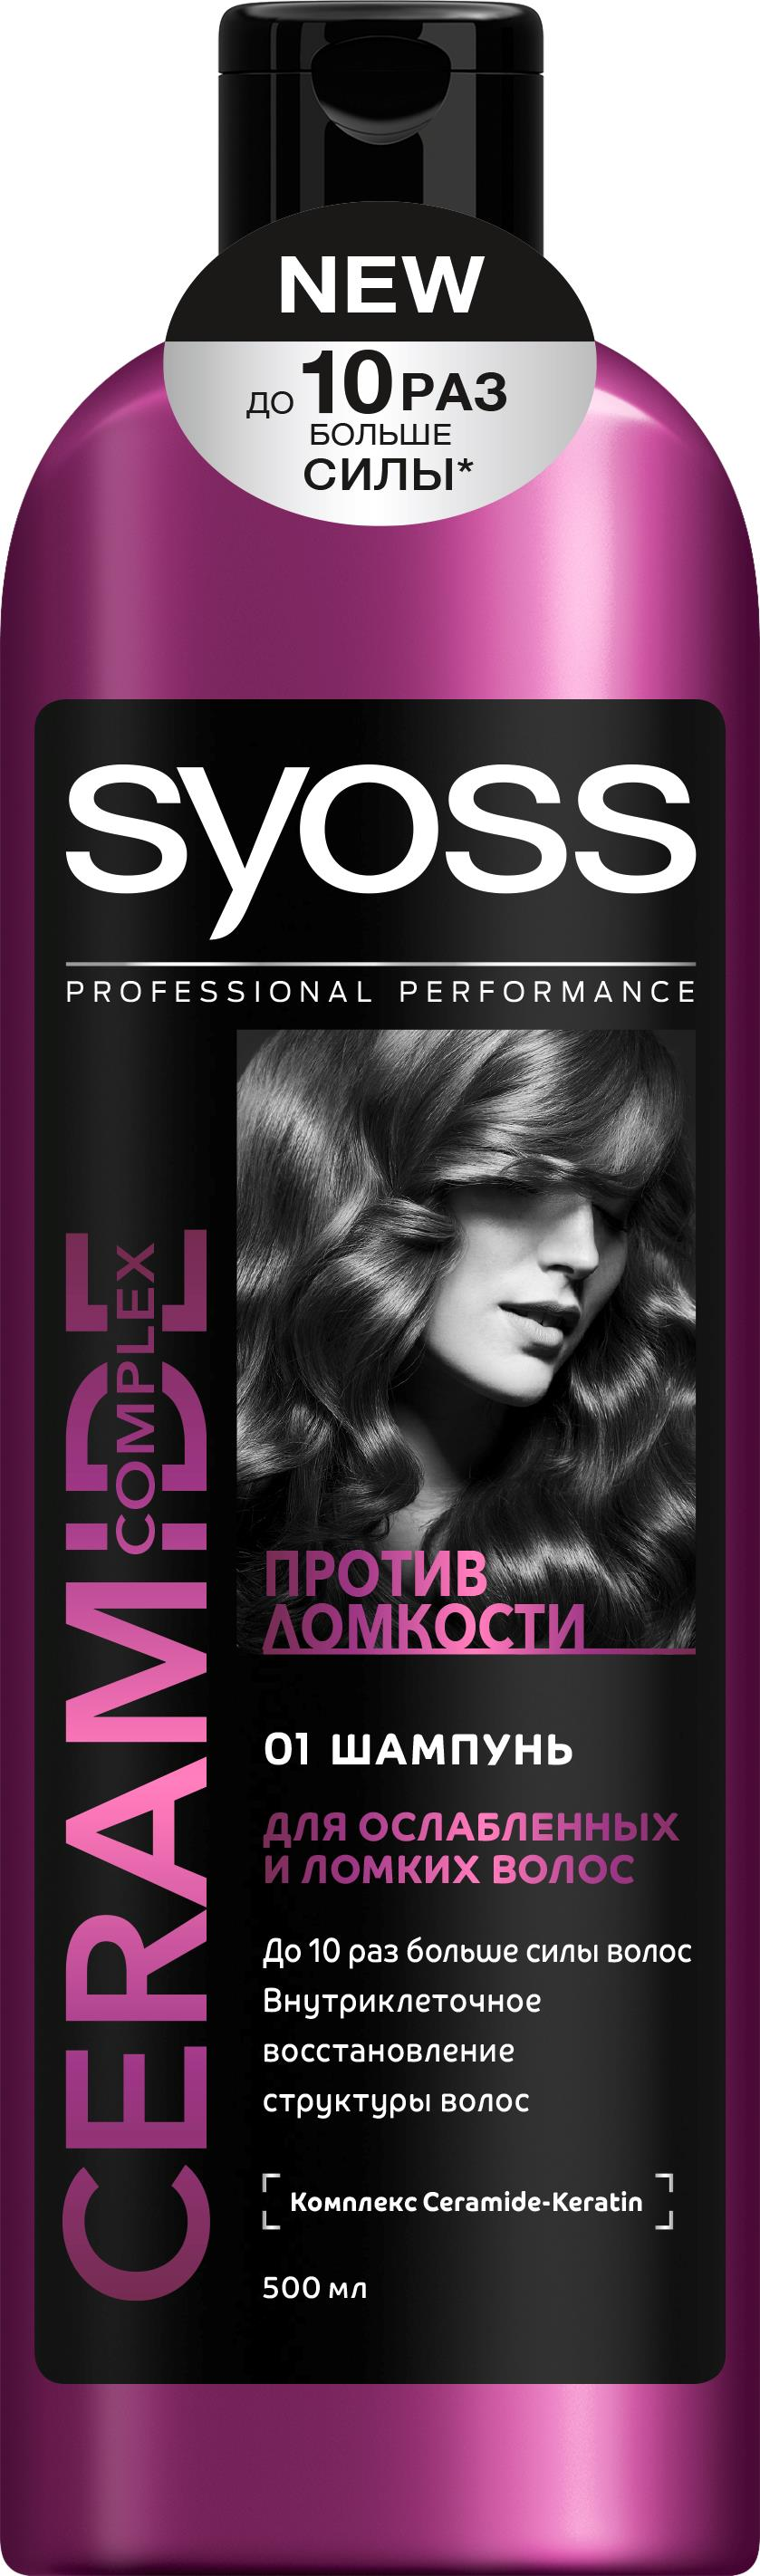 Syoss Шампунь Ceramide Complex, 500 мл2055898Укрепляющий шампунь с комплексом CERAMIDE-KERATIN для ослабленных и ломких волос обеспечивает до 10 раз больше силы и укрепления волос:- Интенсивно укрепляет по всей длине- Значительно сокращает ломкость волос- Глубоко проникает в